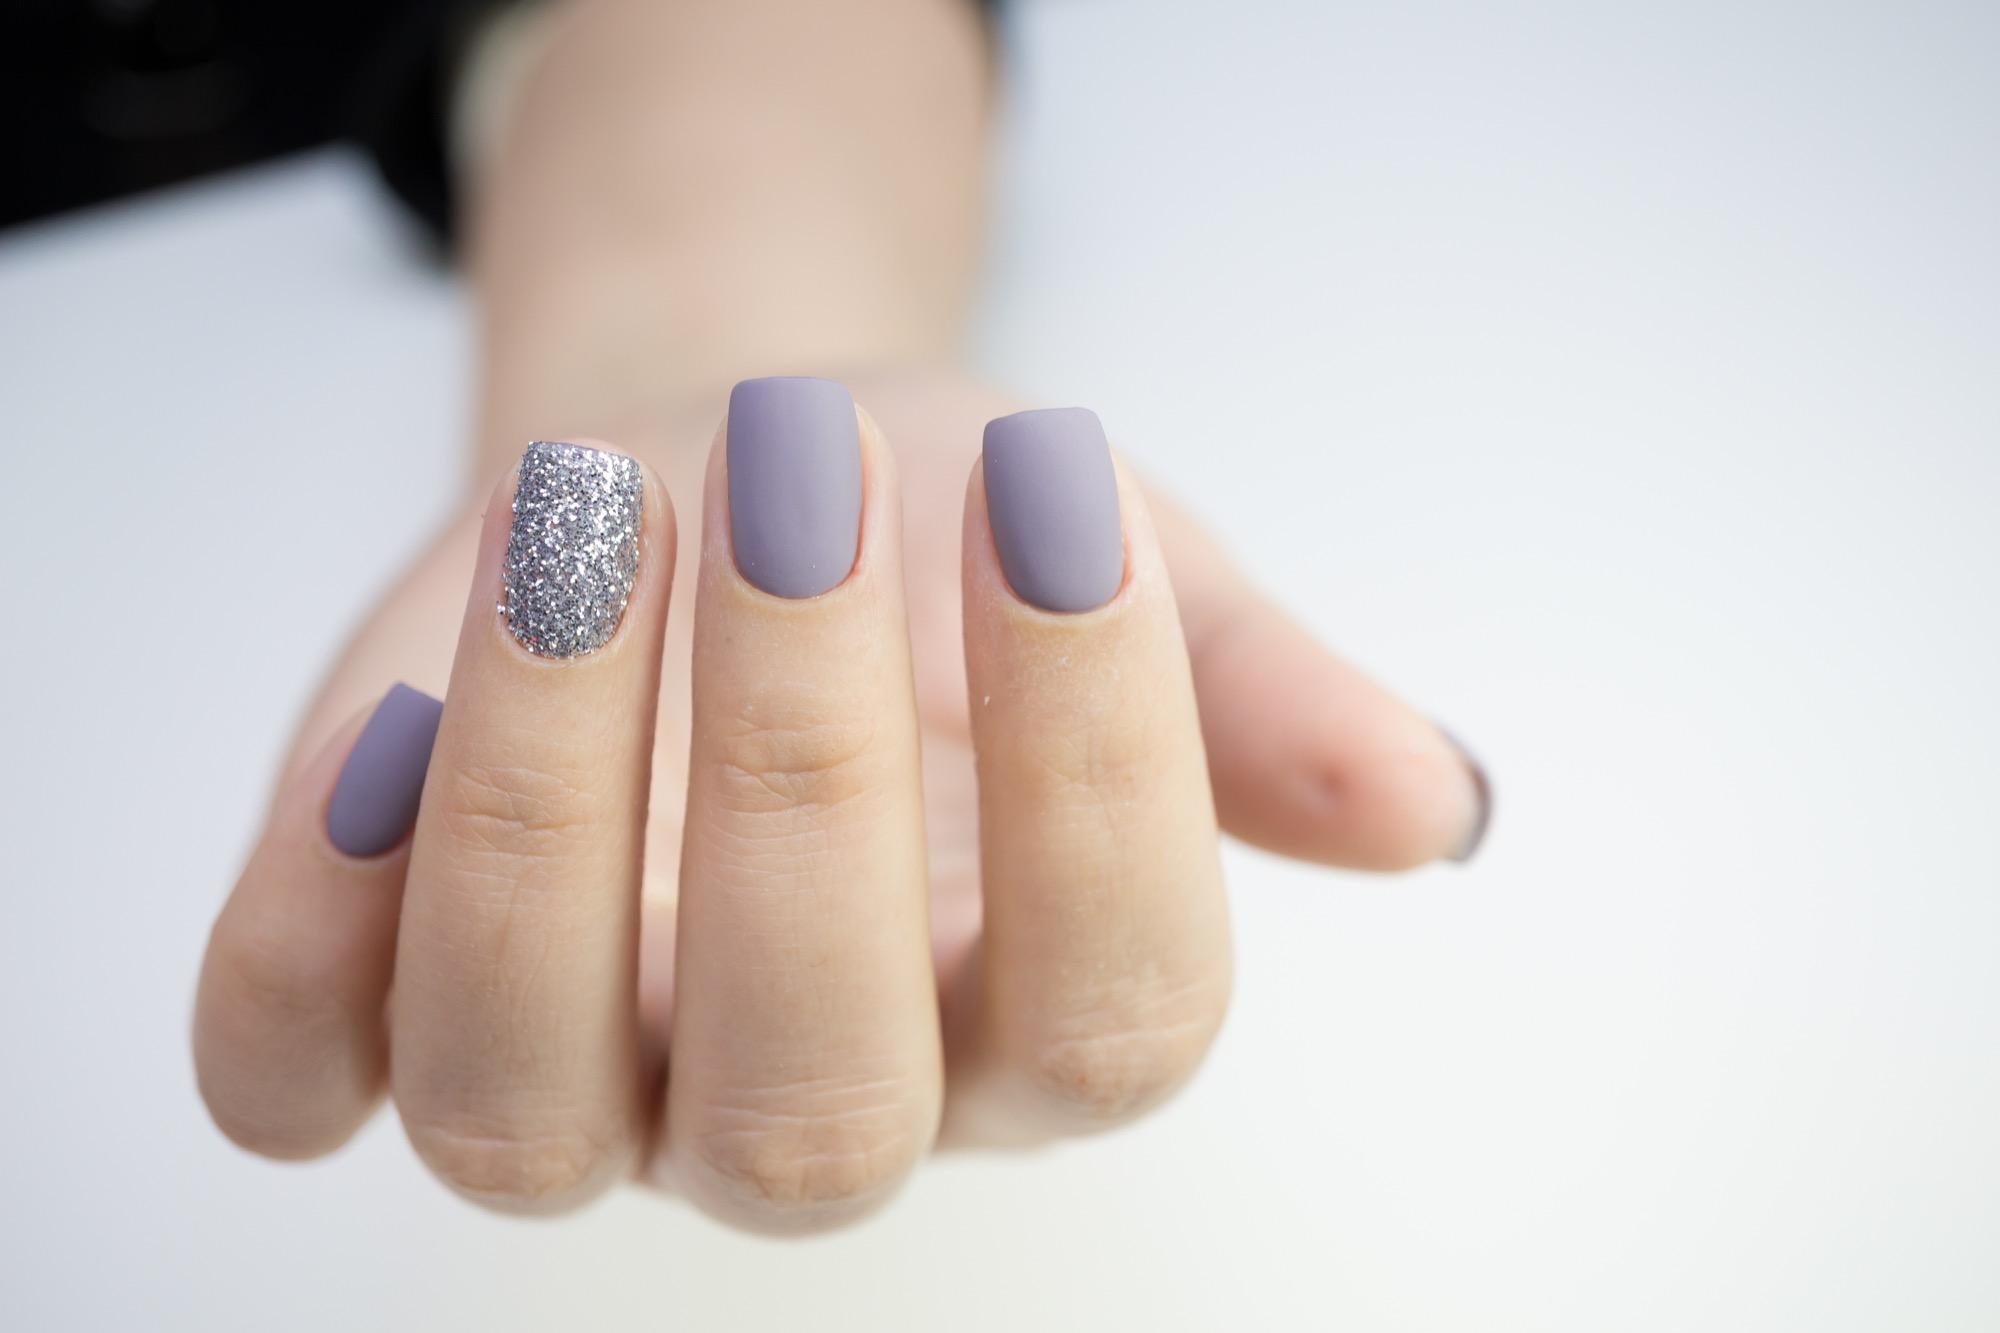 Gel-Nägel: Ist Shellac schädlich für die Nägel? | BRIGITTE.de